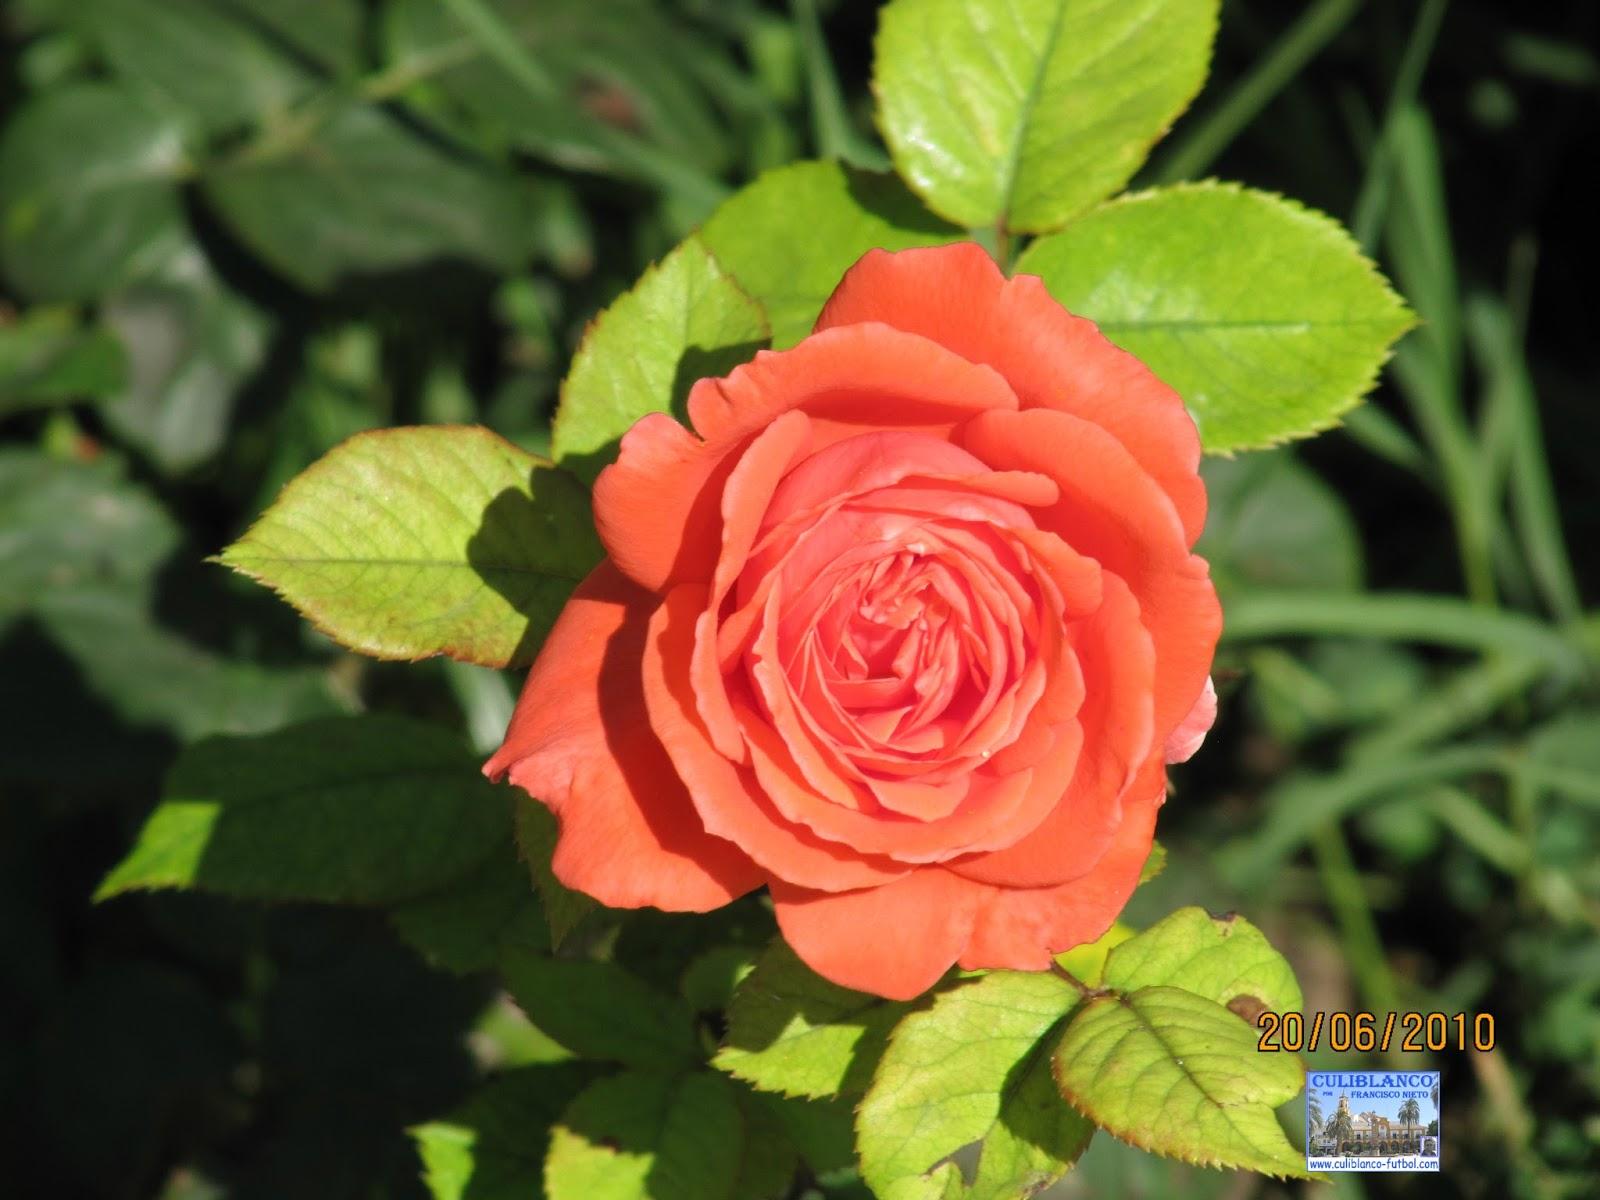 Culiblanco por francisco nieto las rosas flores y - Significado de los colores de las rosas ...